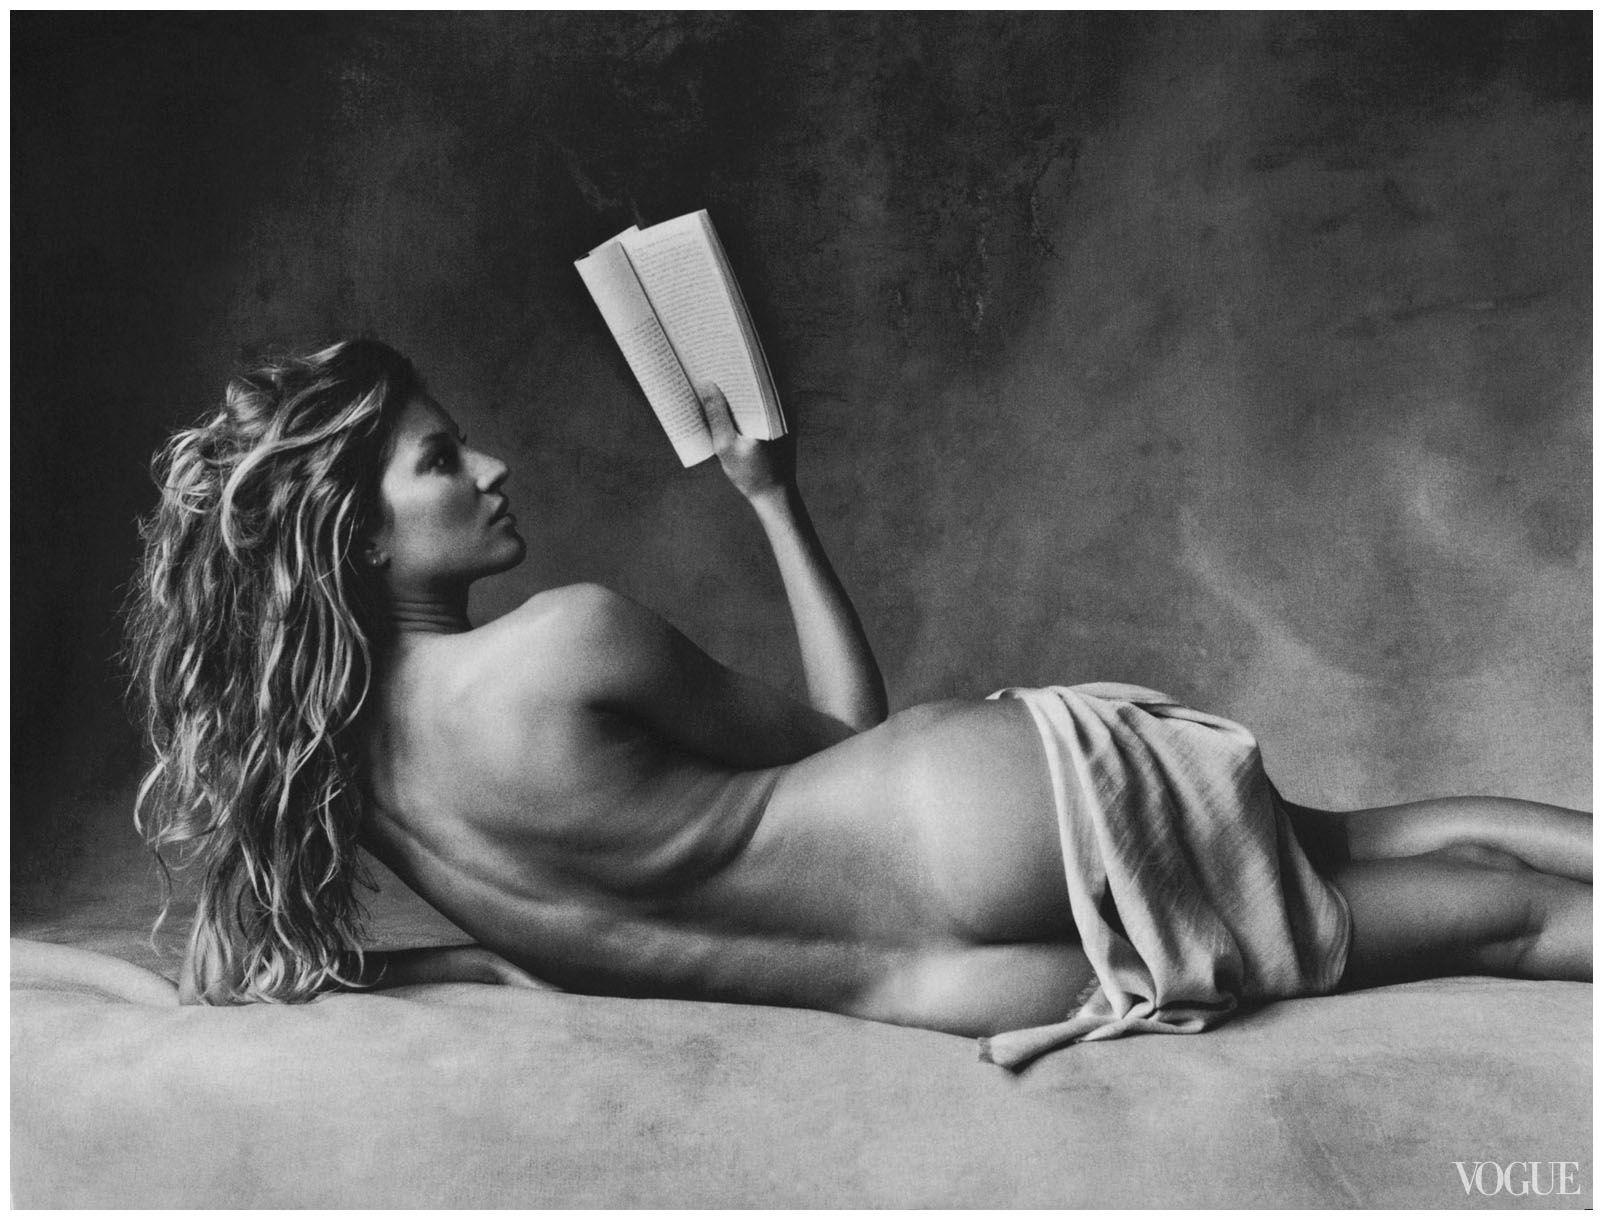 Erotica Gisele Bundchen nudes (35 photo), Pussy, Leaked, Twitter, swimsuit 2006